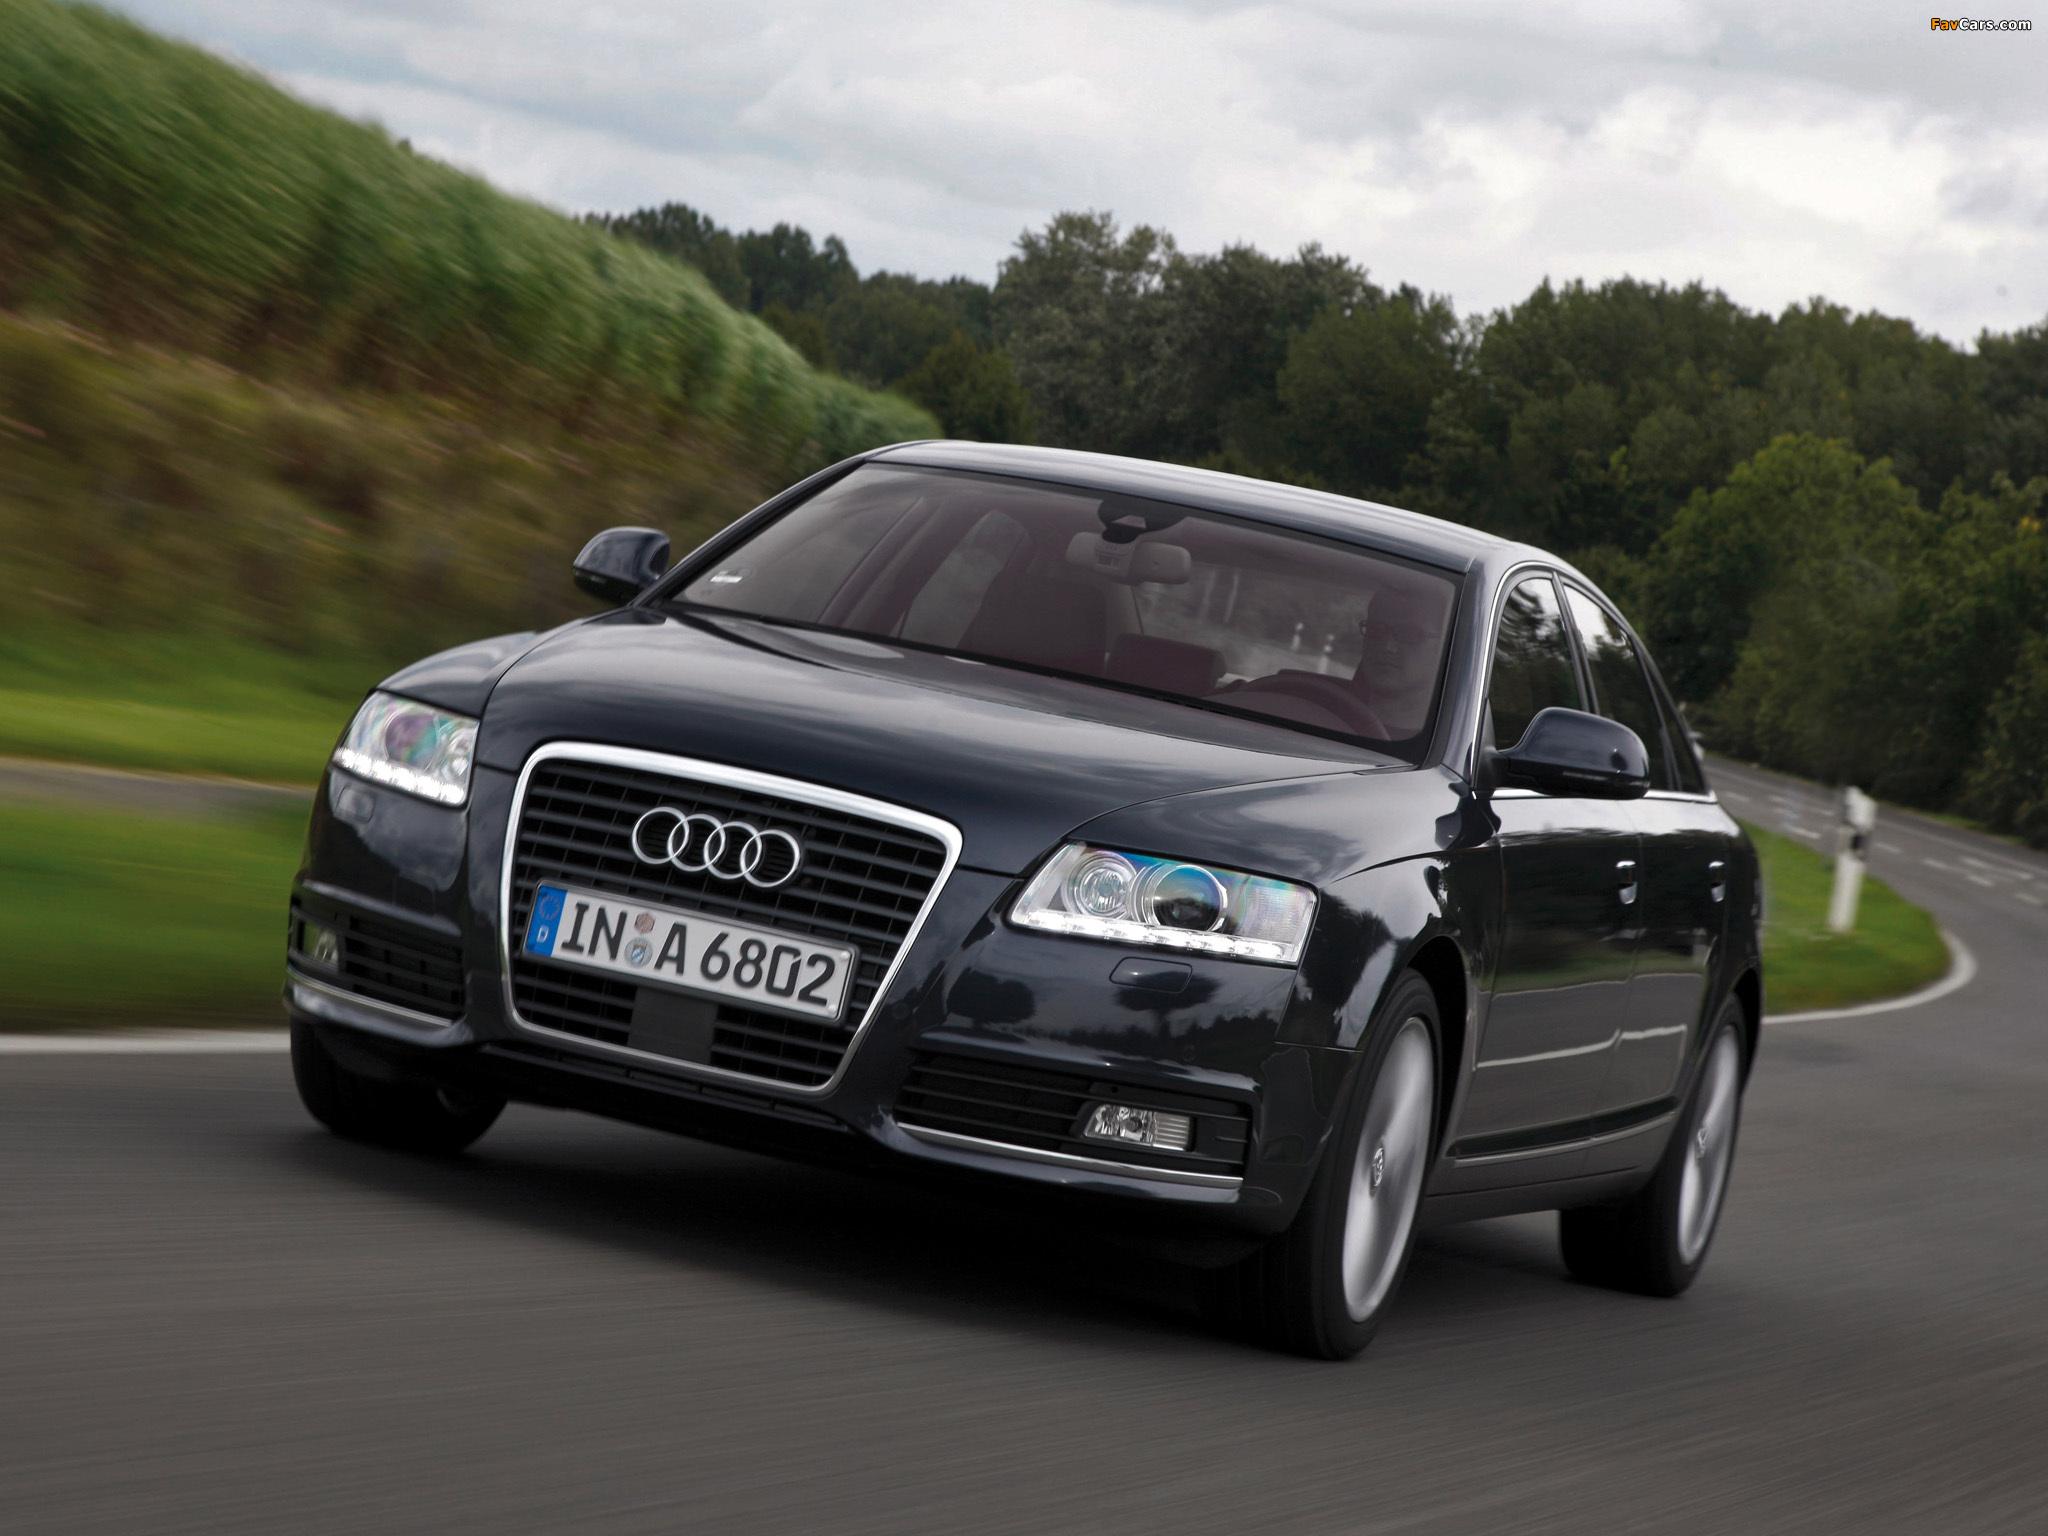 Kelebihan Kekurangan Audi A6 2.8 Review